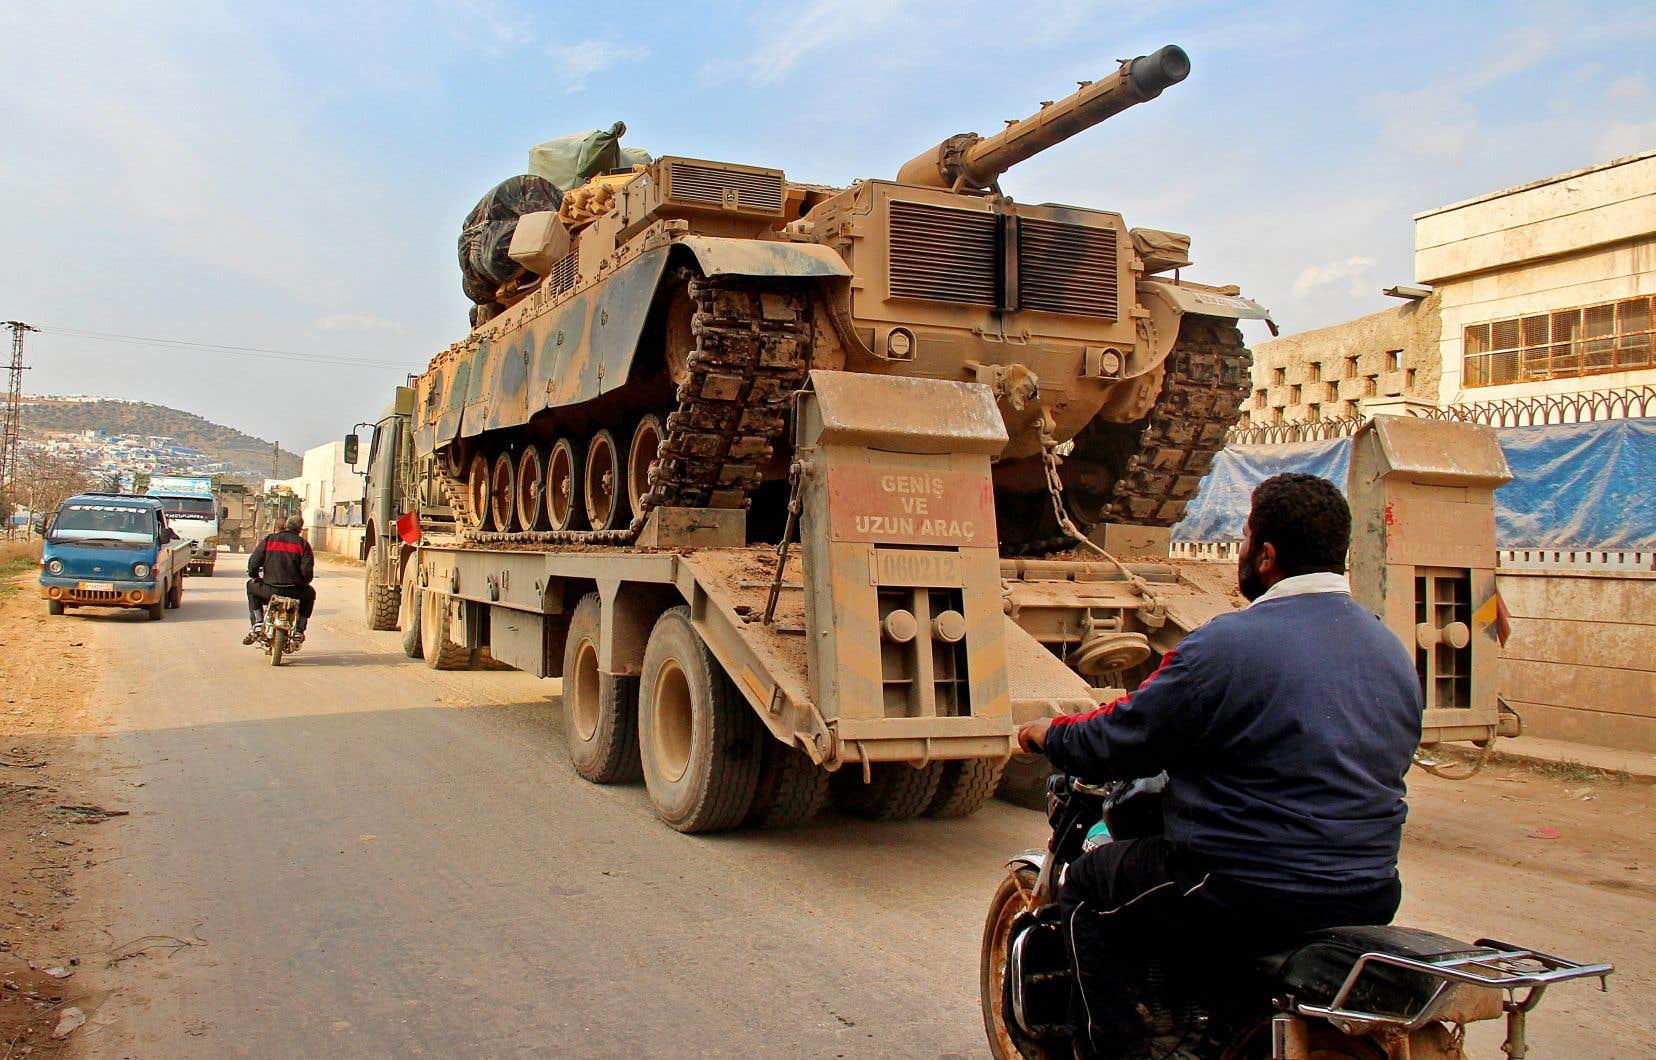 Un camion turc, chargé d'un char d'assaut, a traversé un village de la région d'Idleb, en Syrie, mercredi.